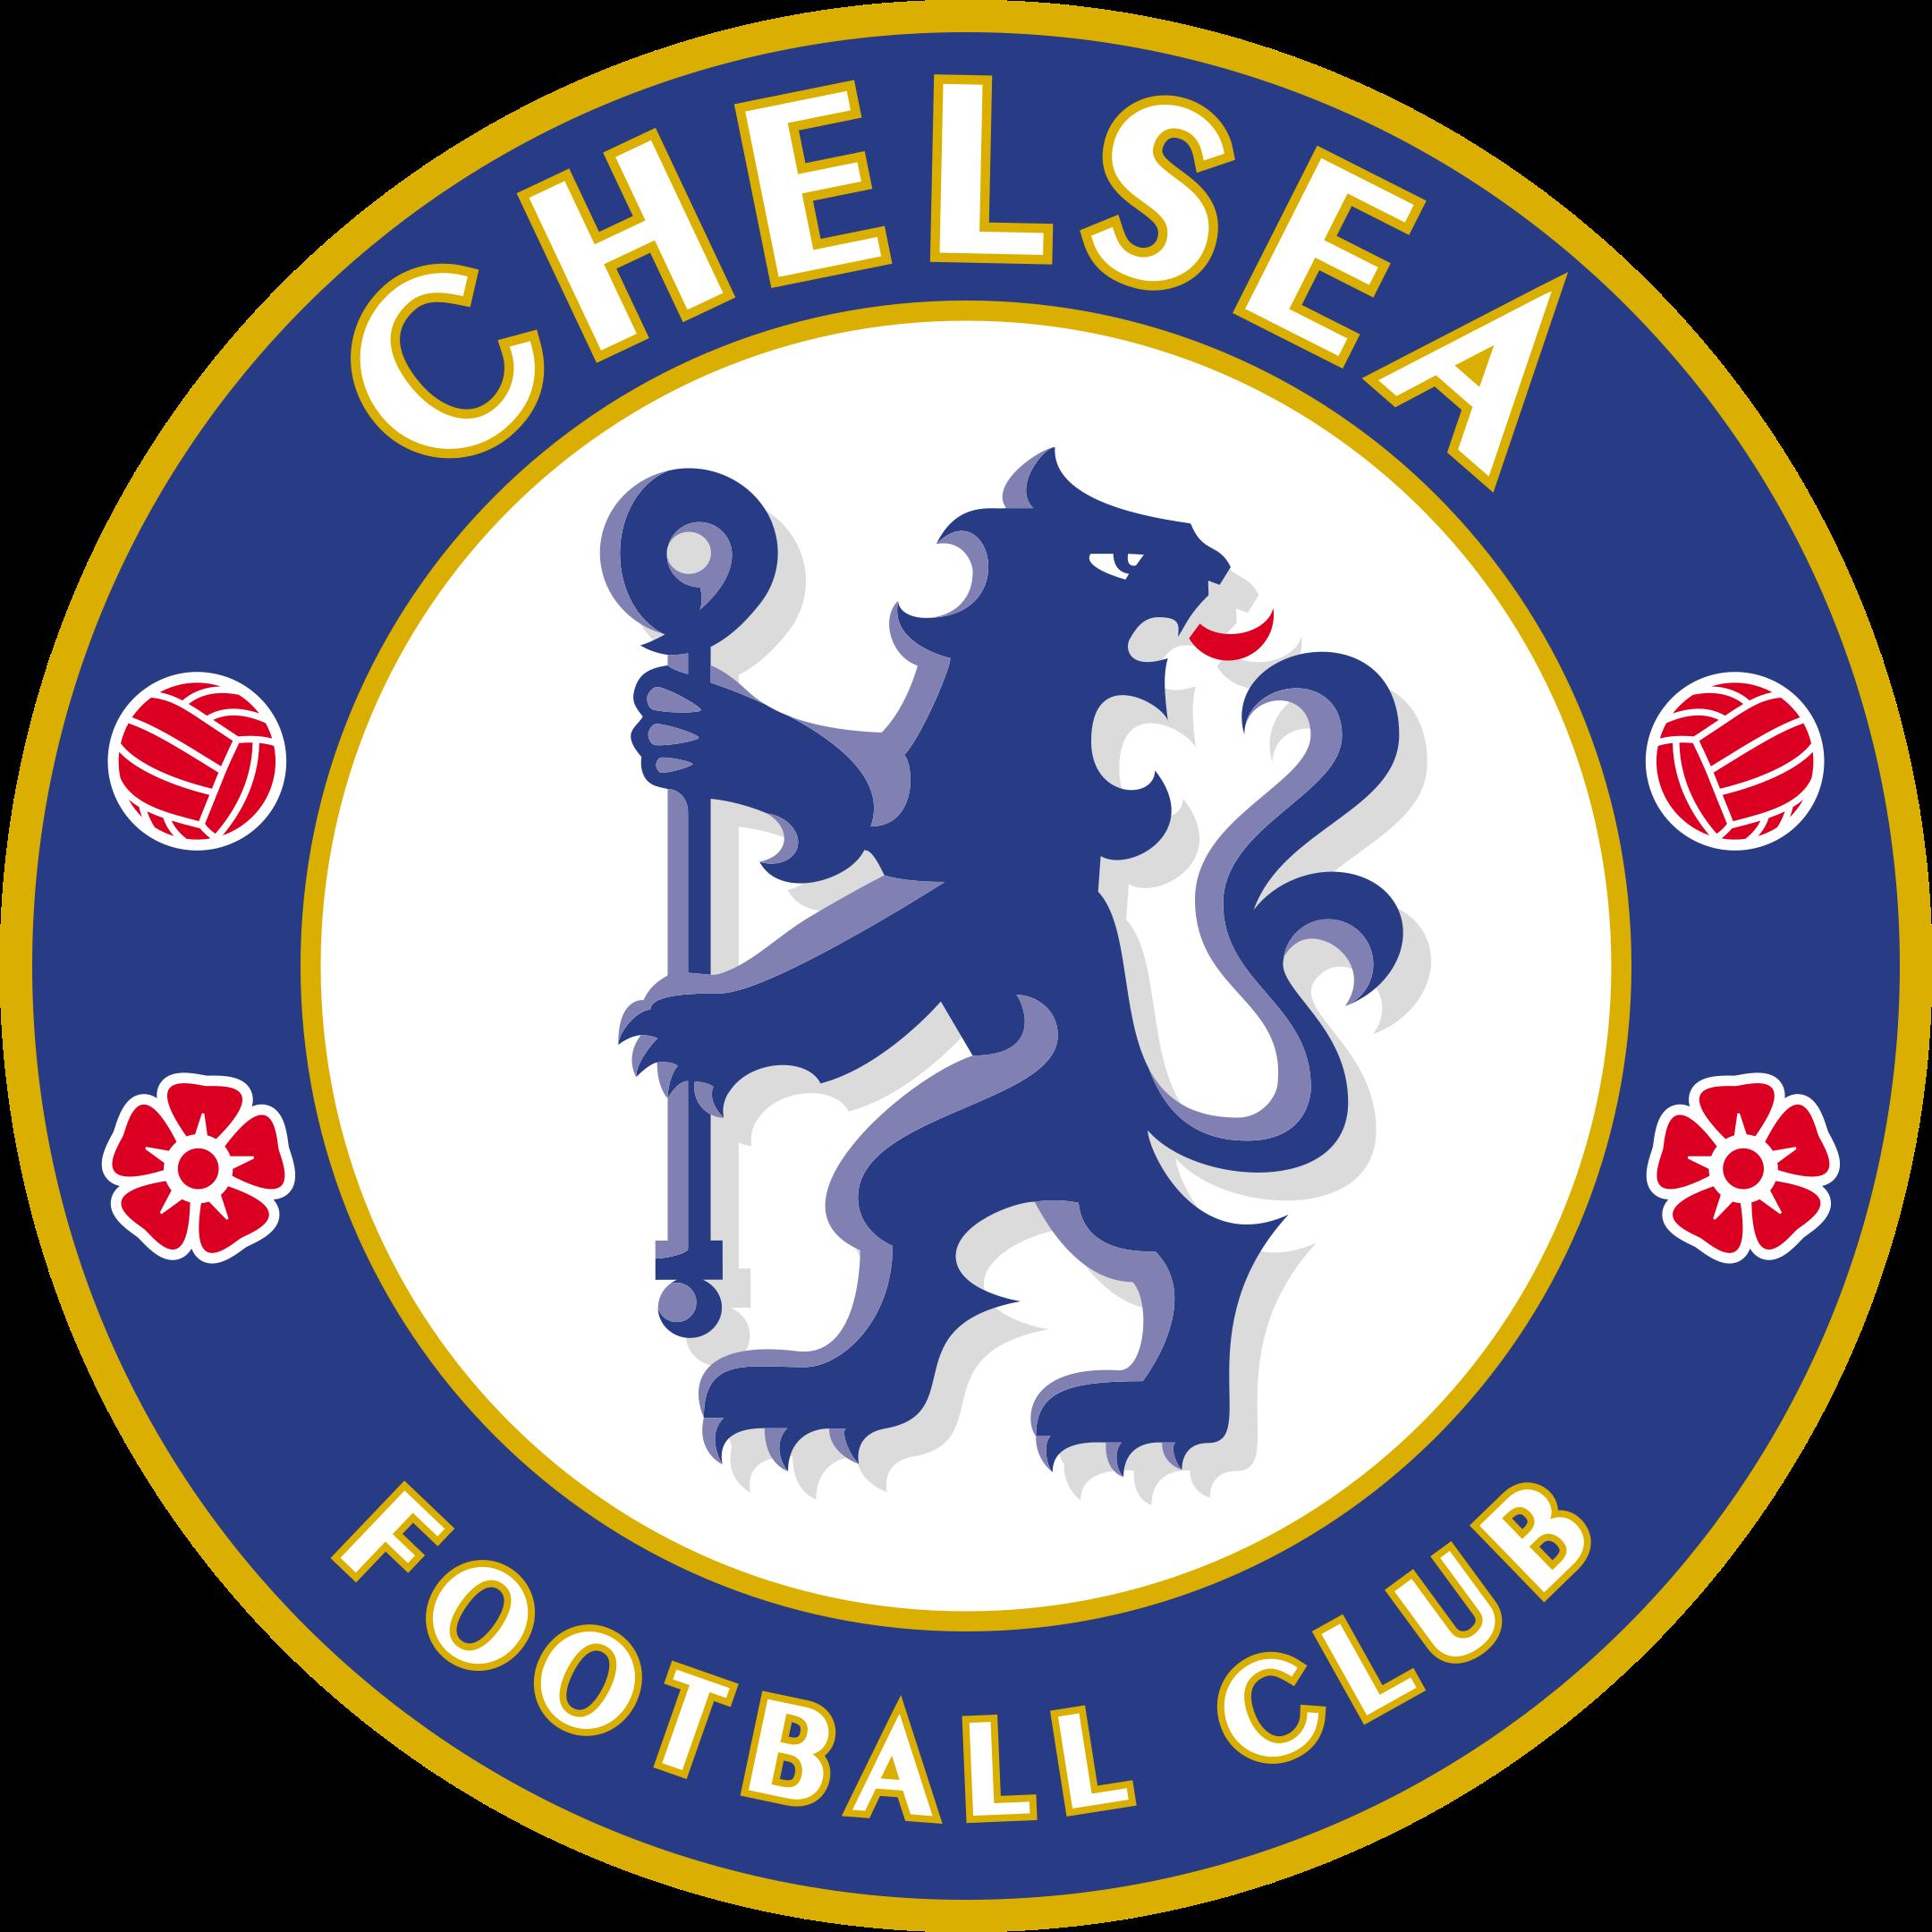 chelsea fc logo 1 - Chelsea FC Logo